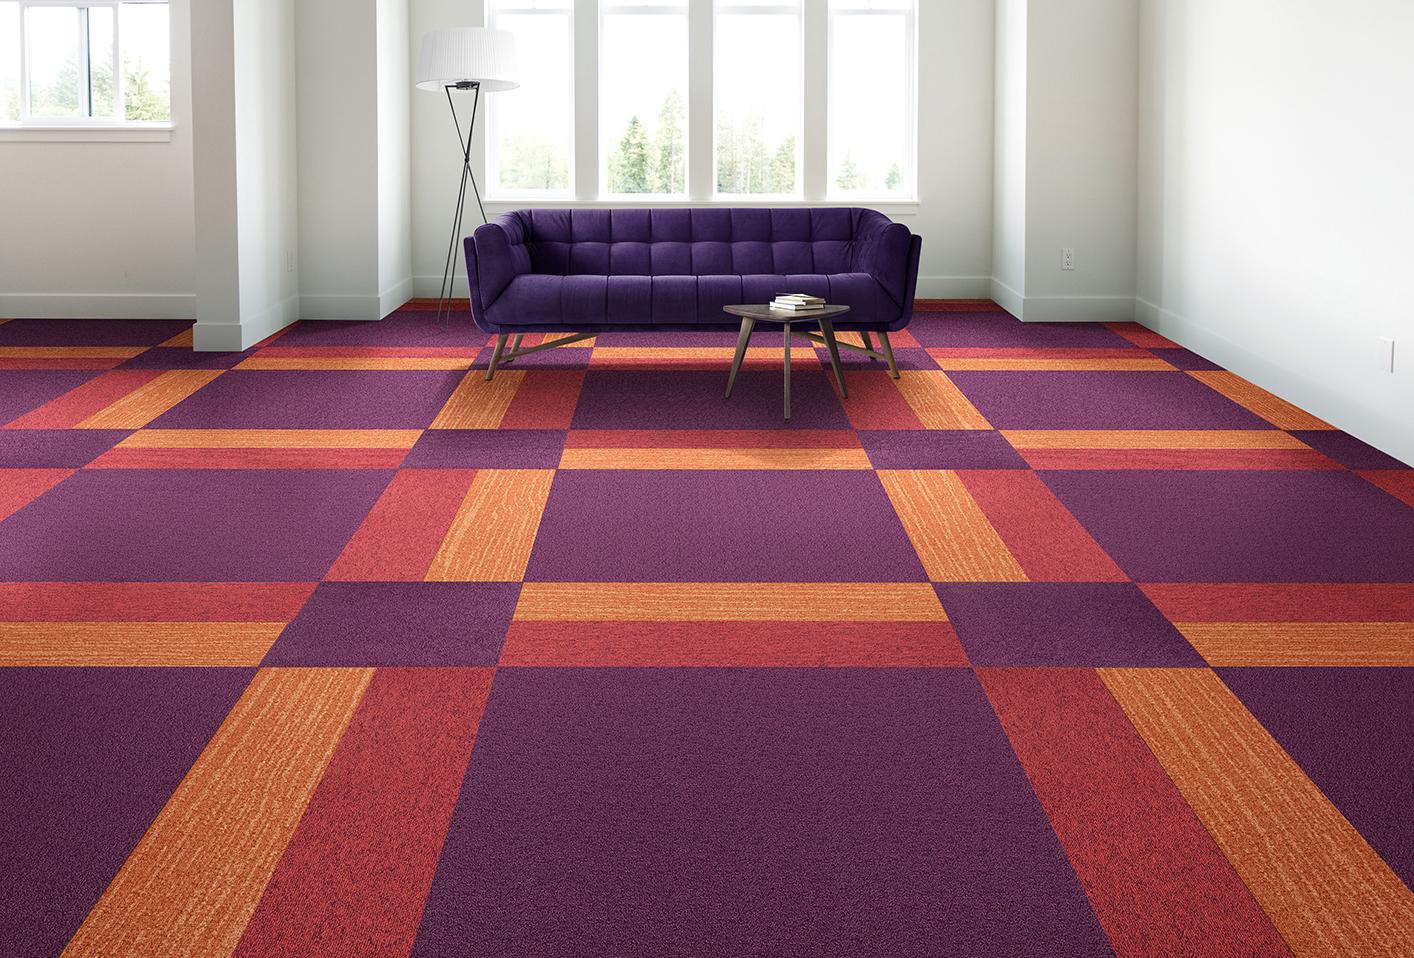 Konfigurator zum Verlegen von Teppichbodenfliesen